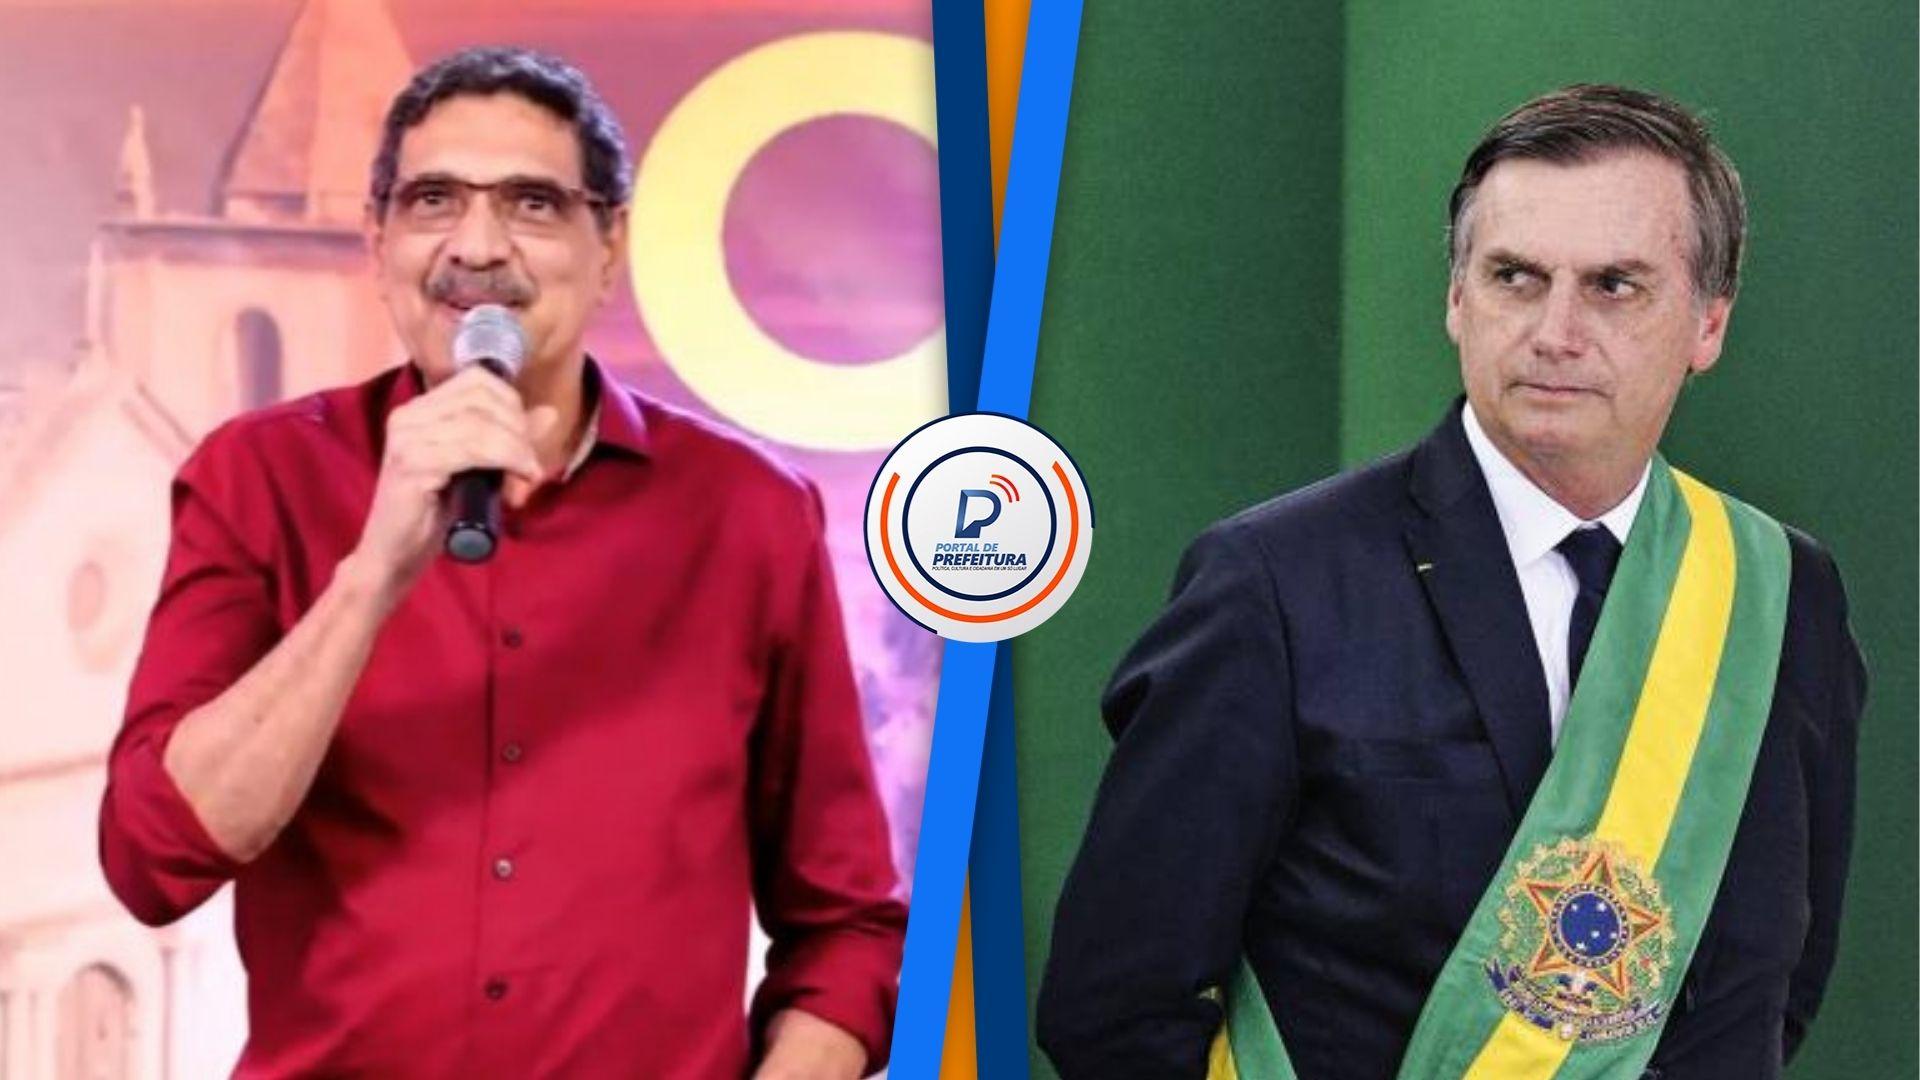 Em Olinda, João Paulo afirma que, se eleito, vai cobrar 'responsabilidade' de Bolsonaro